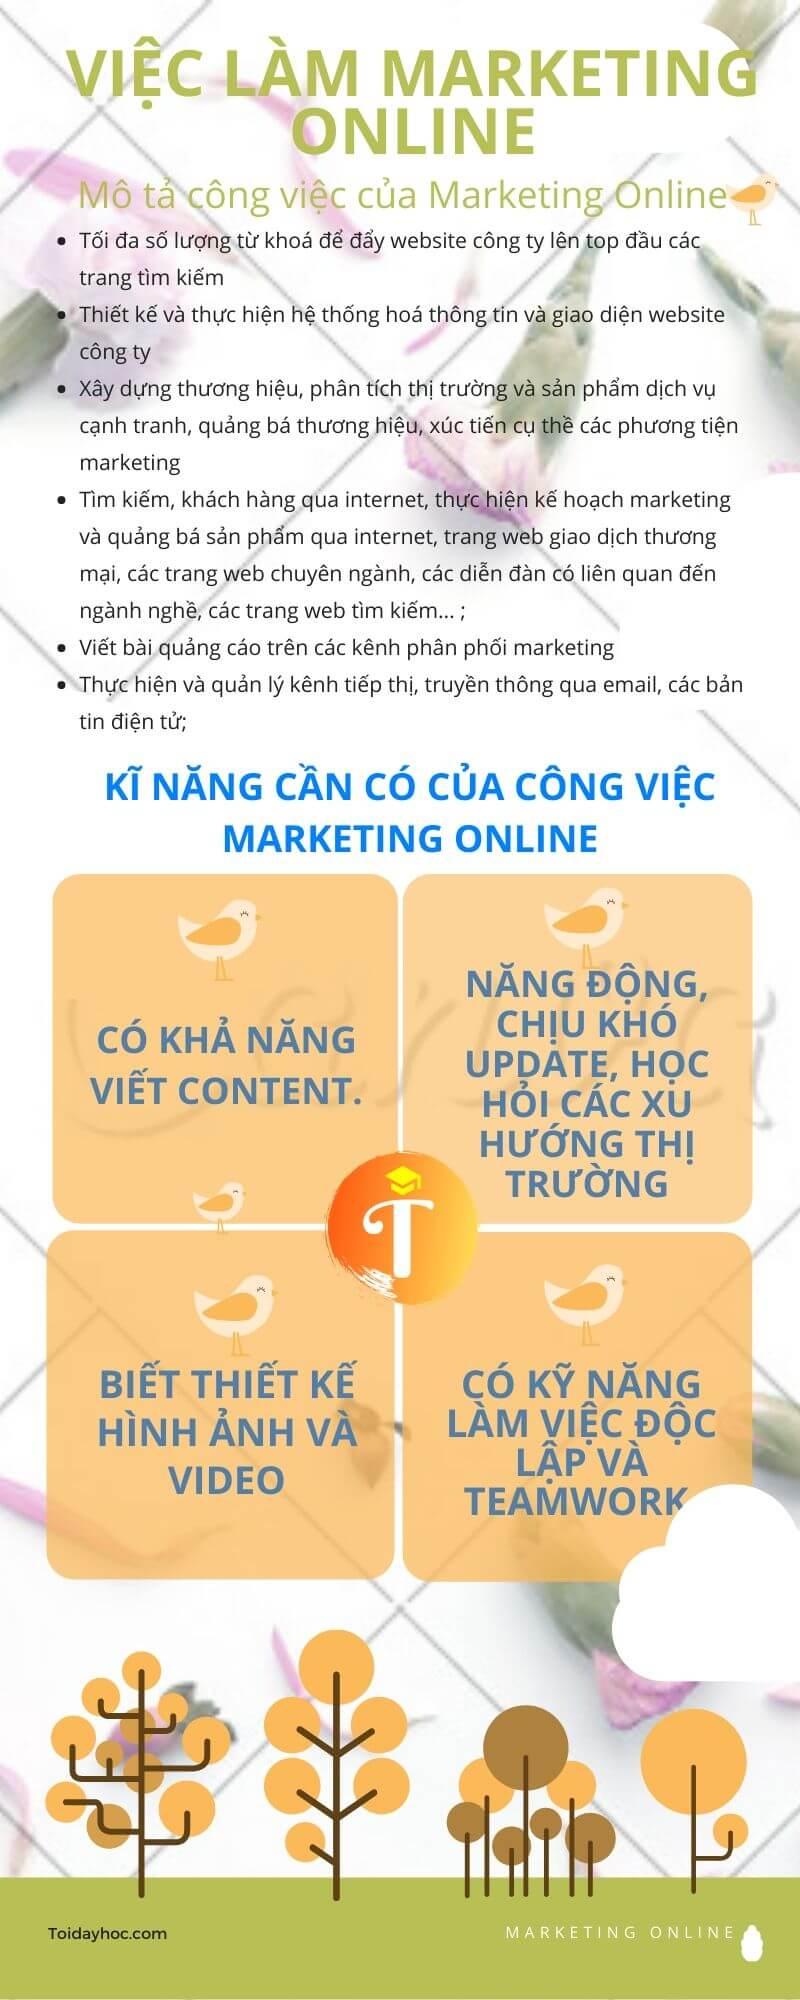 Việc làm marketing online